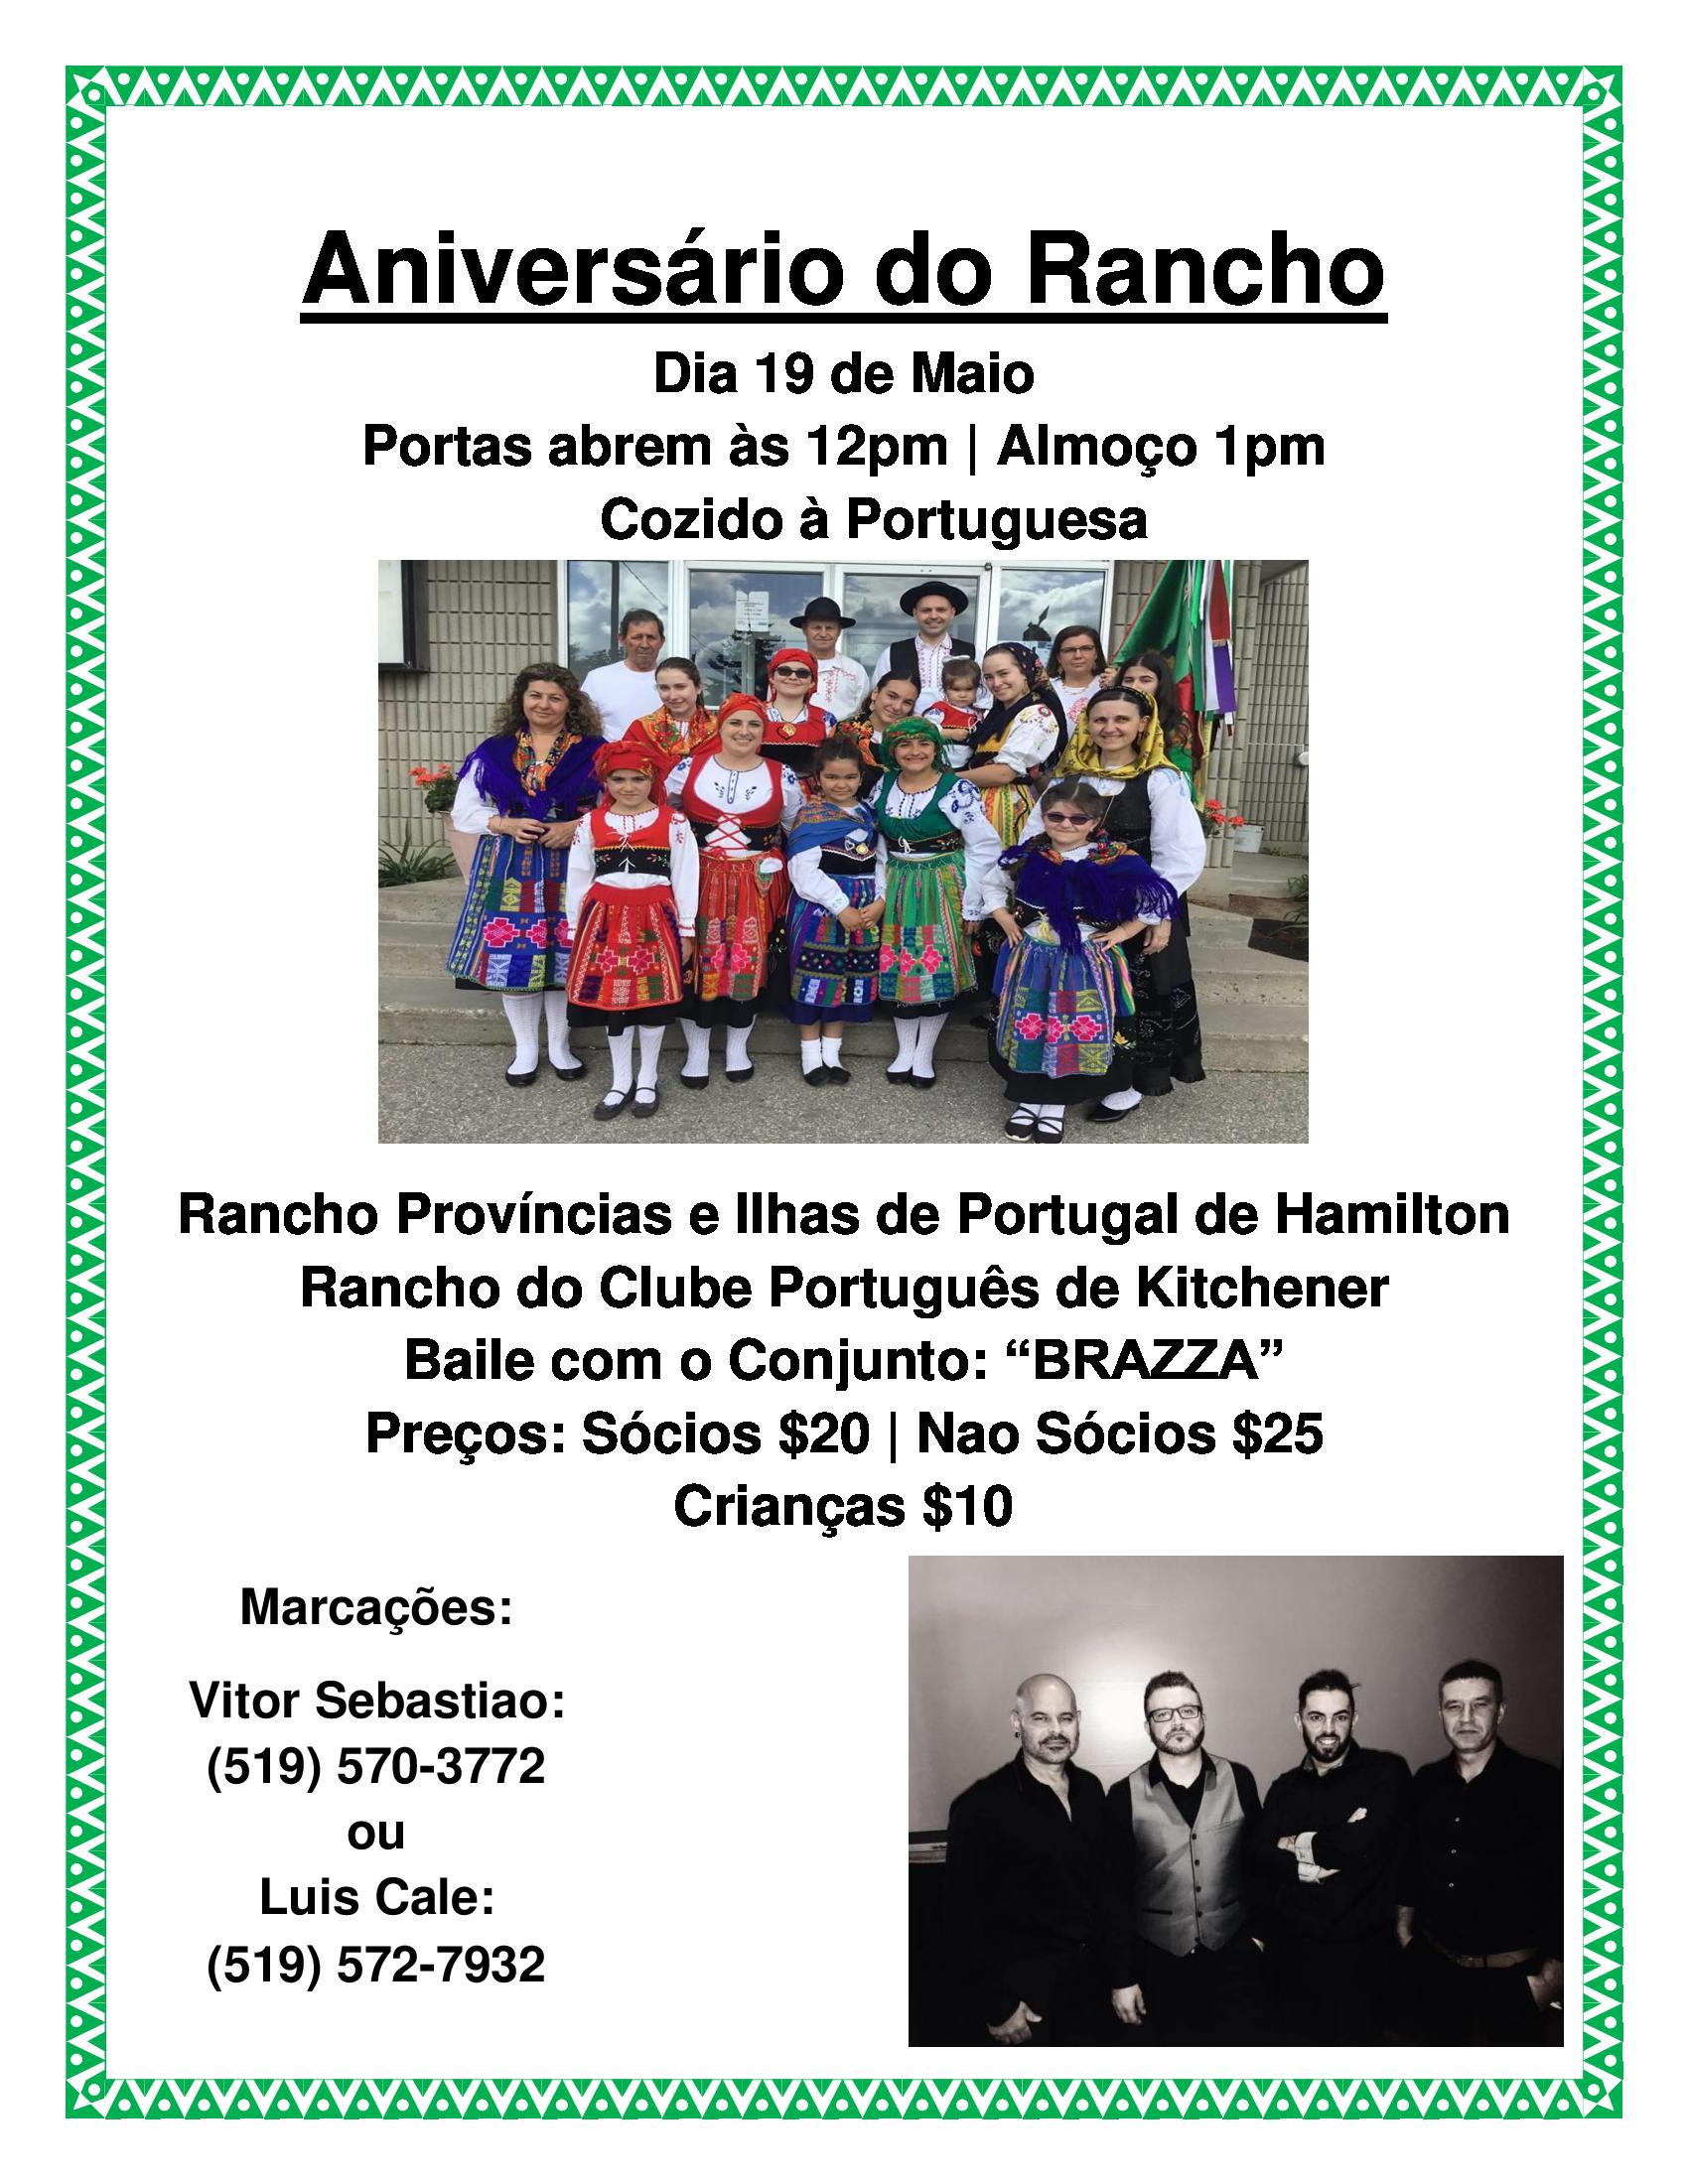 Aniversario Do Rancho 2019